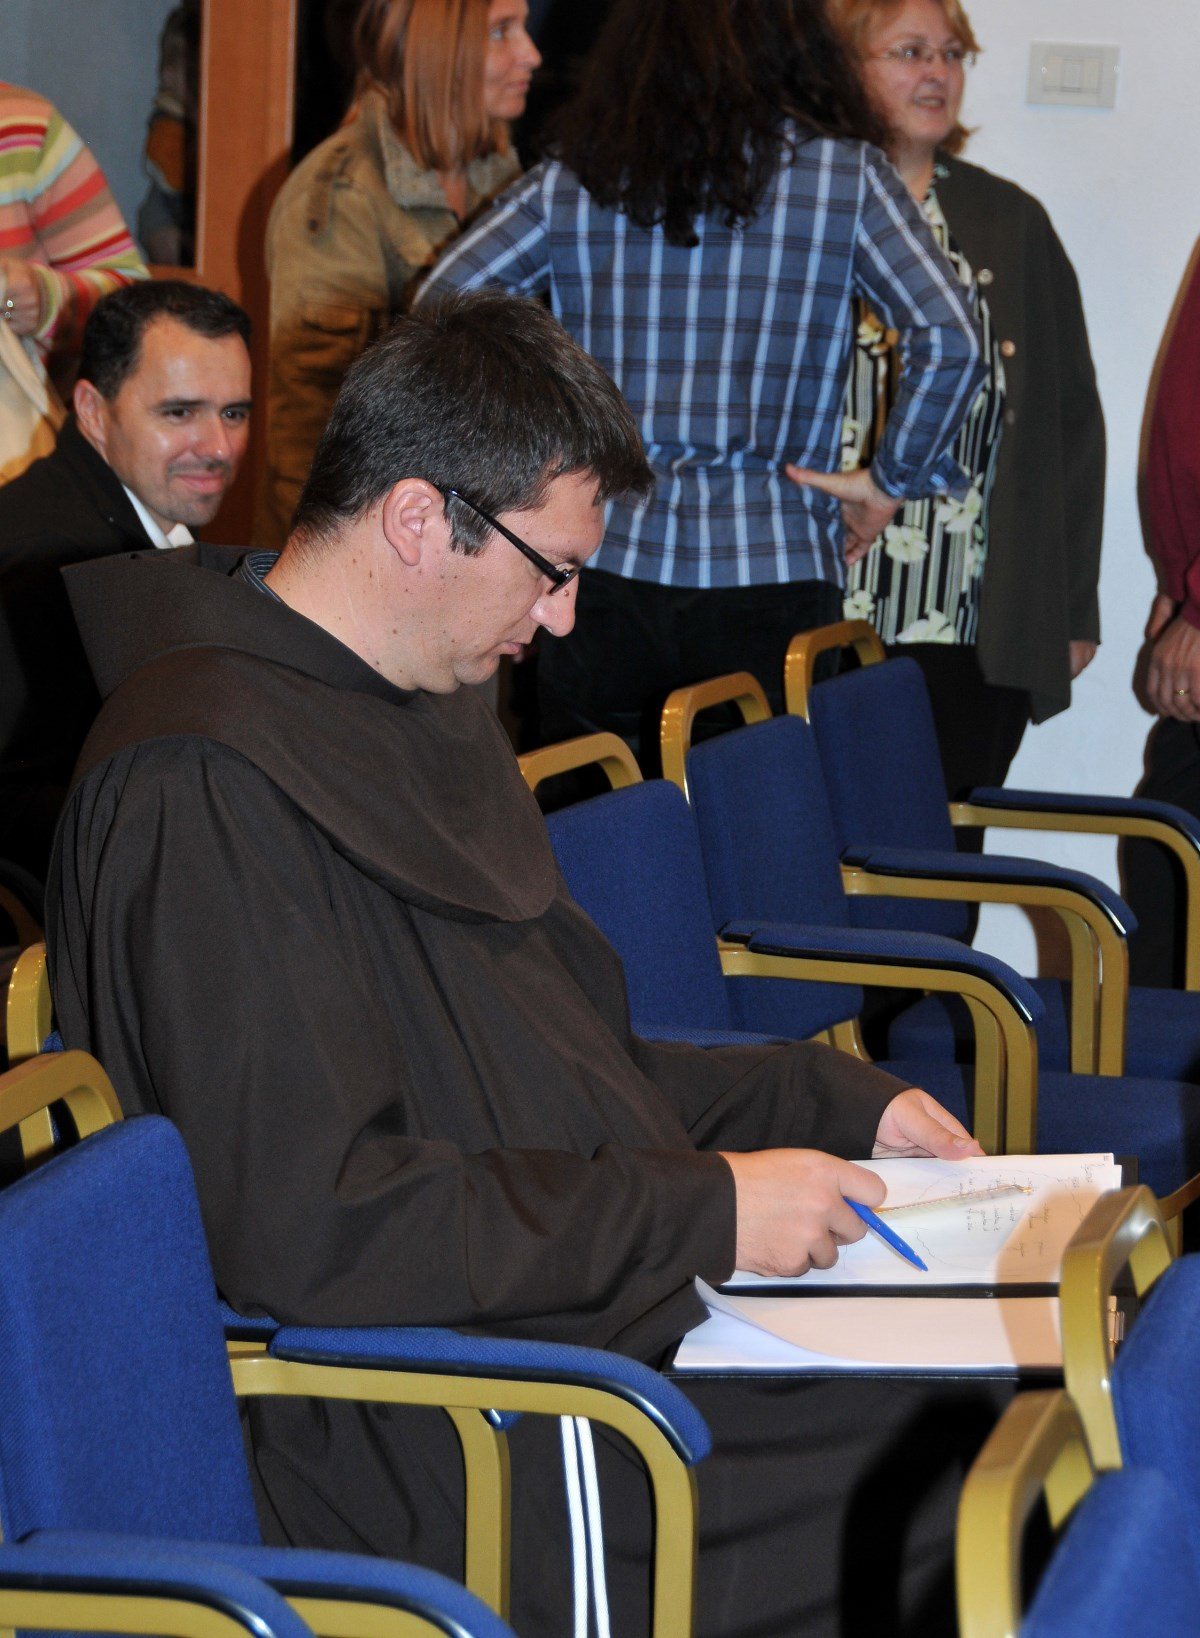 Naš suradnik fra Krunoslav Kolarić priprema se za vođenje radionice bračnih parova